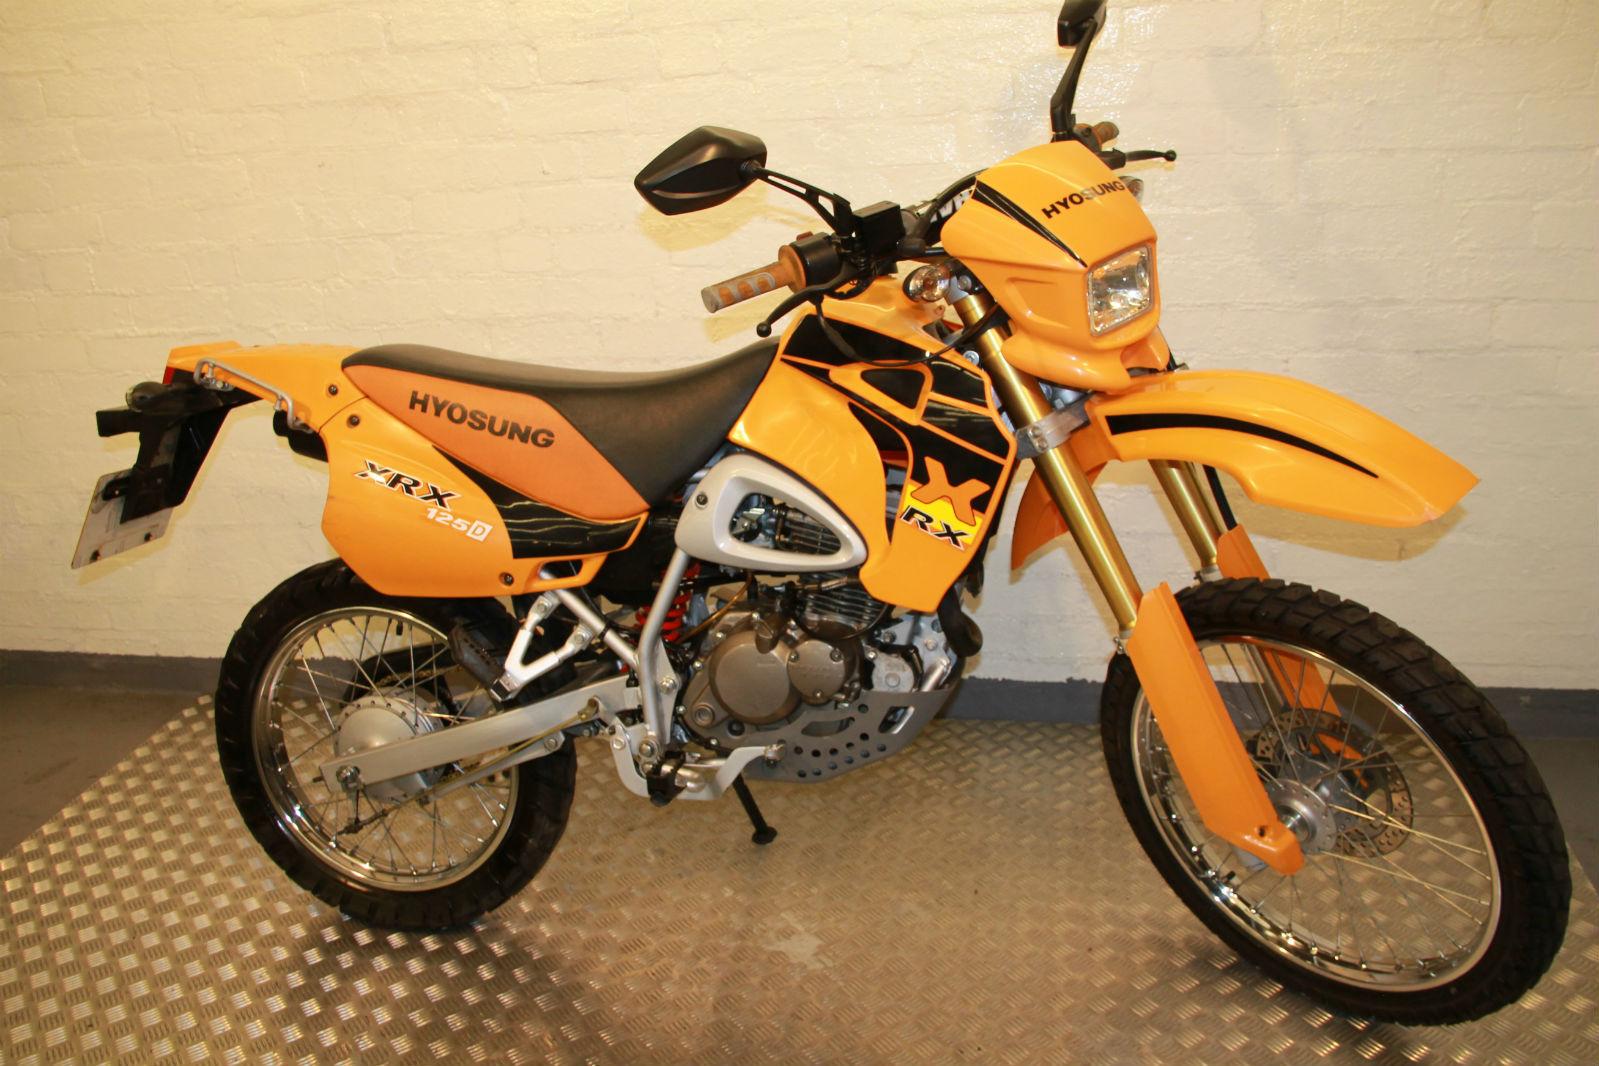 hyosung rx 125 trail bike smart ktm orange paintwork. Black Bedroom Furniture Sets. Home Design Ideas